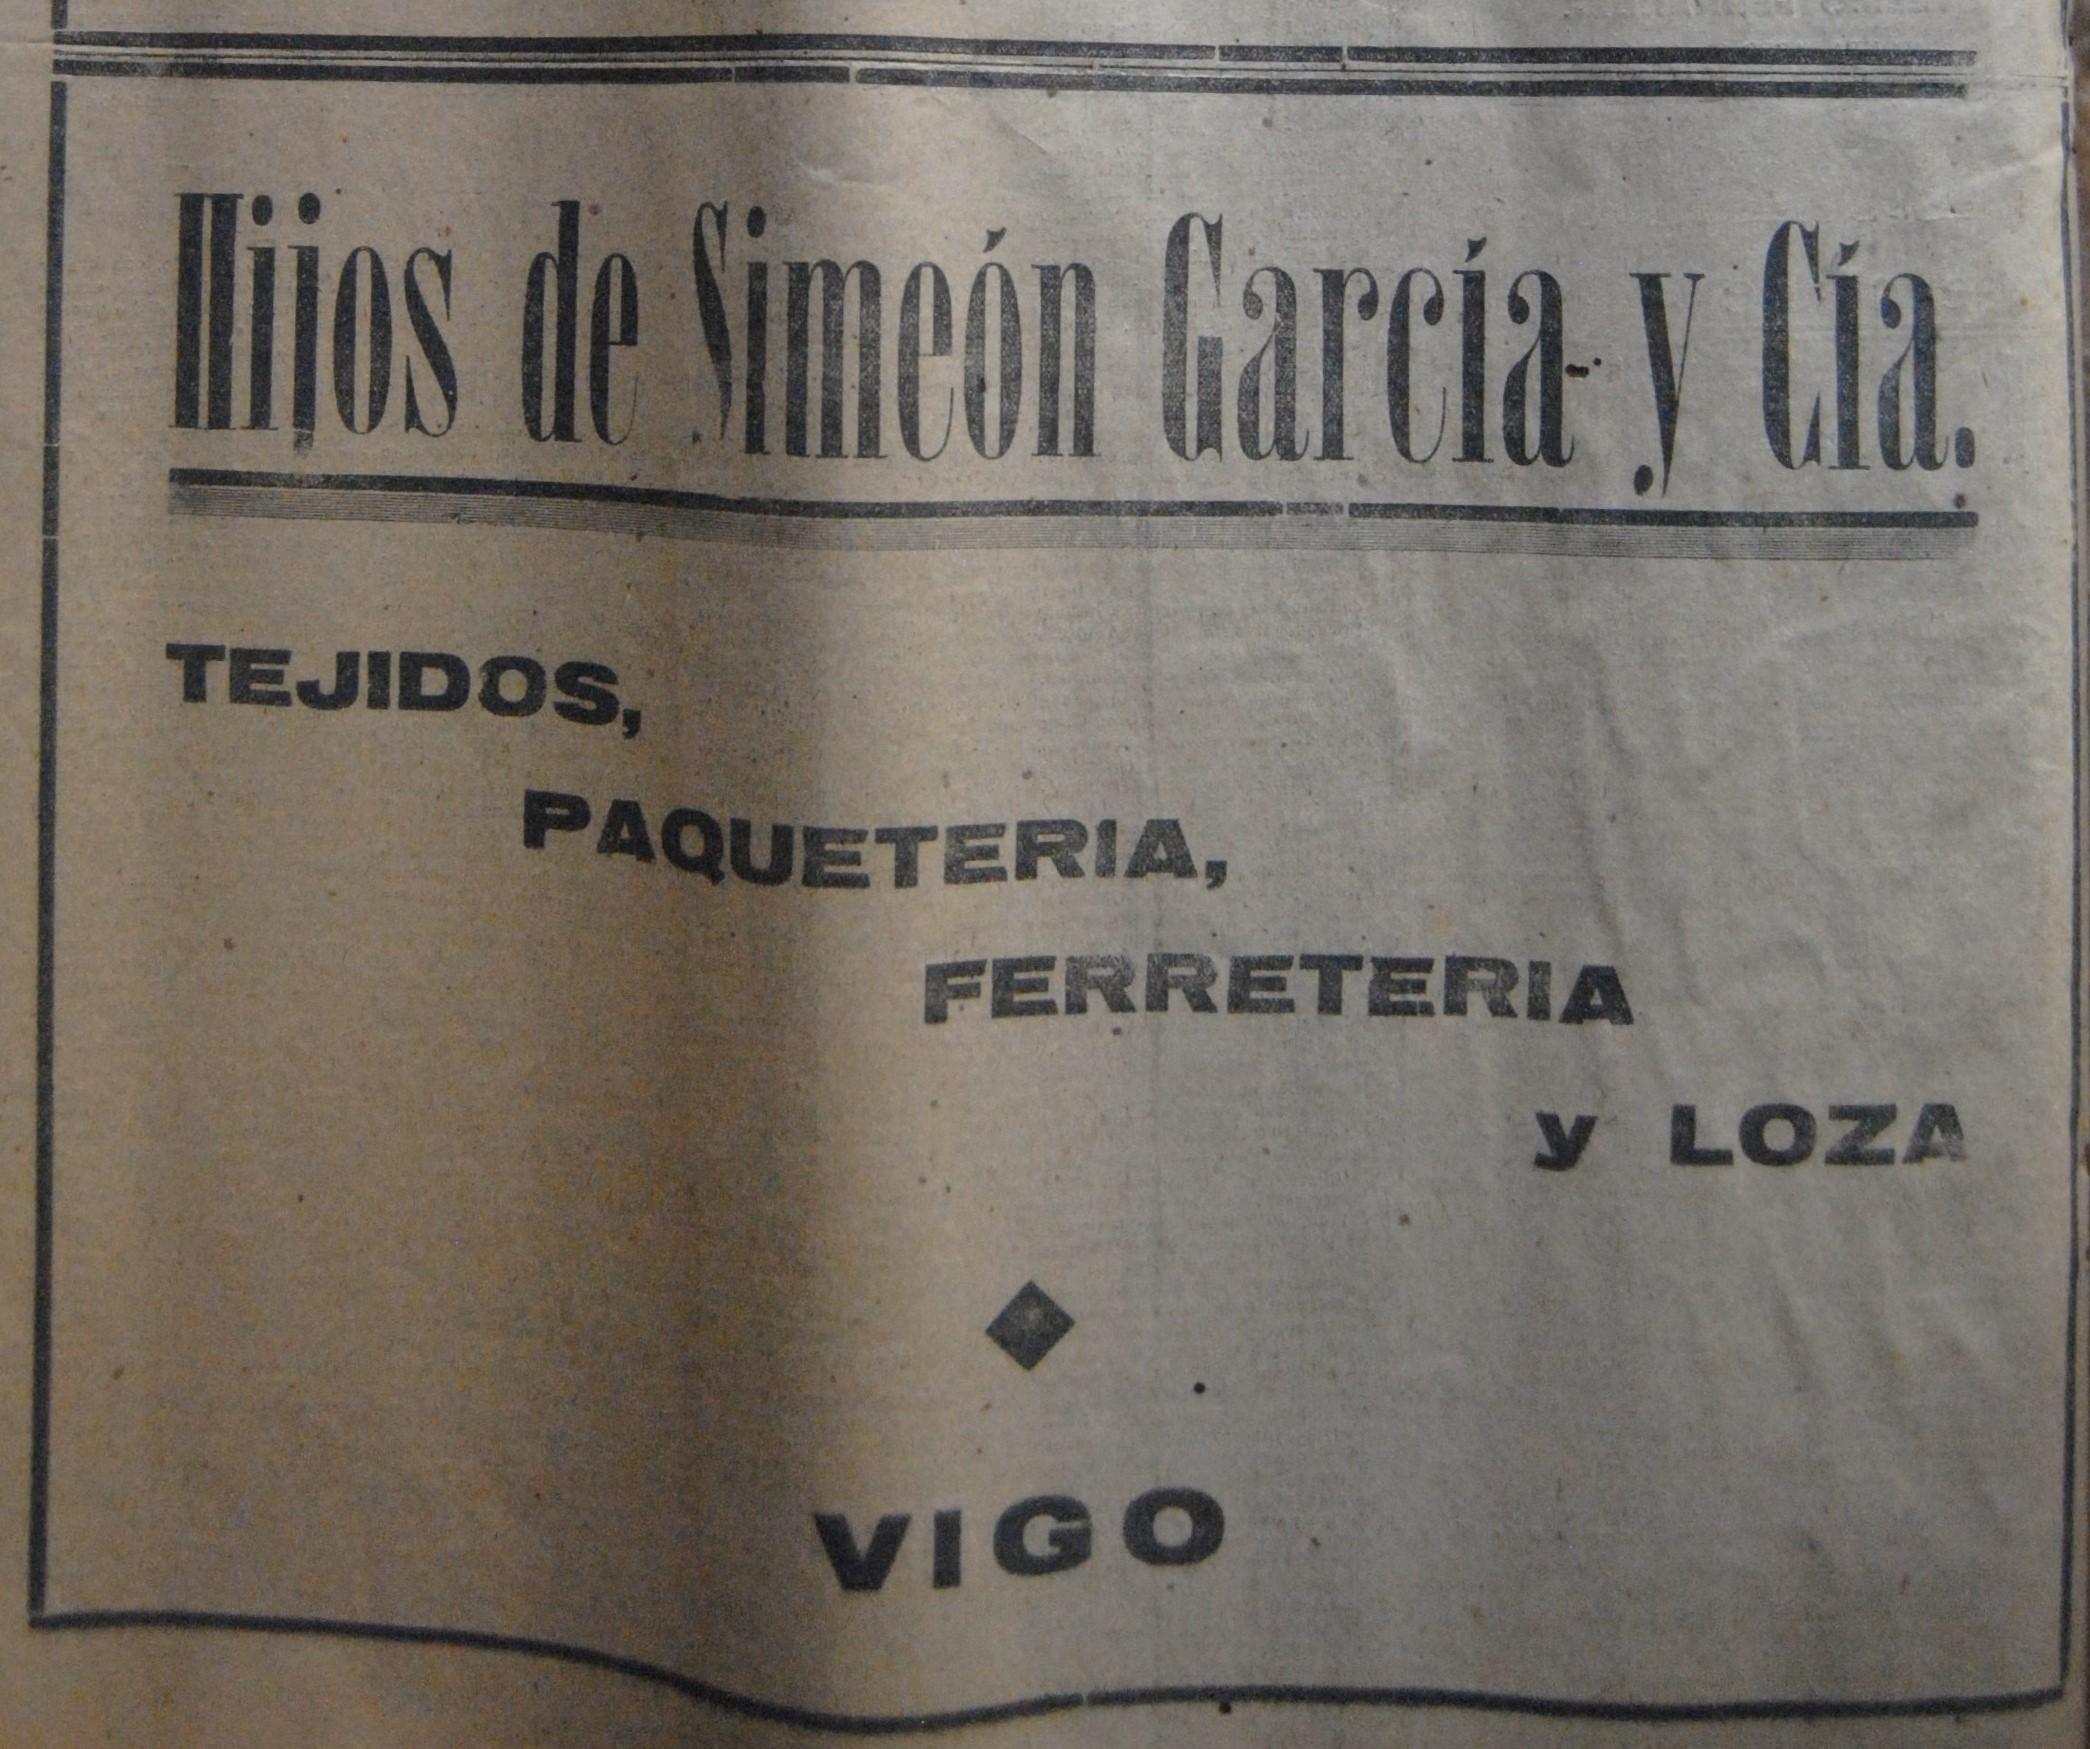 Hs. de Simeón Gª & Cía., comercio.